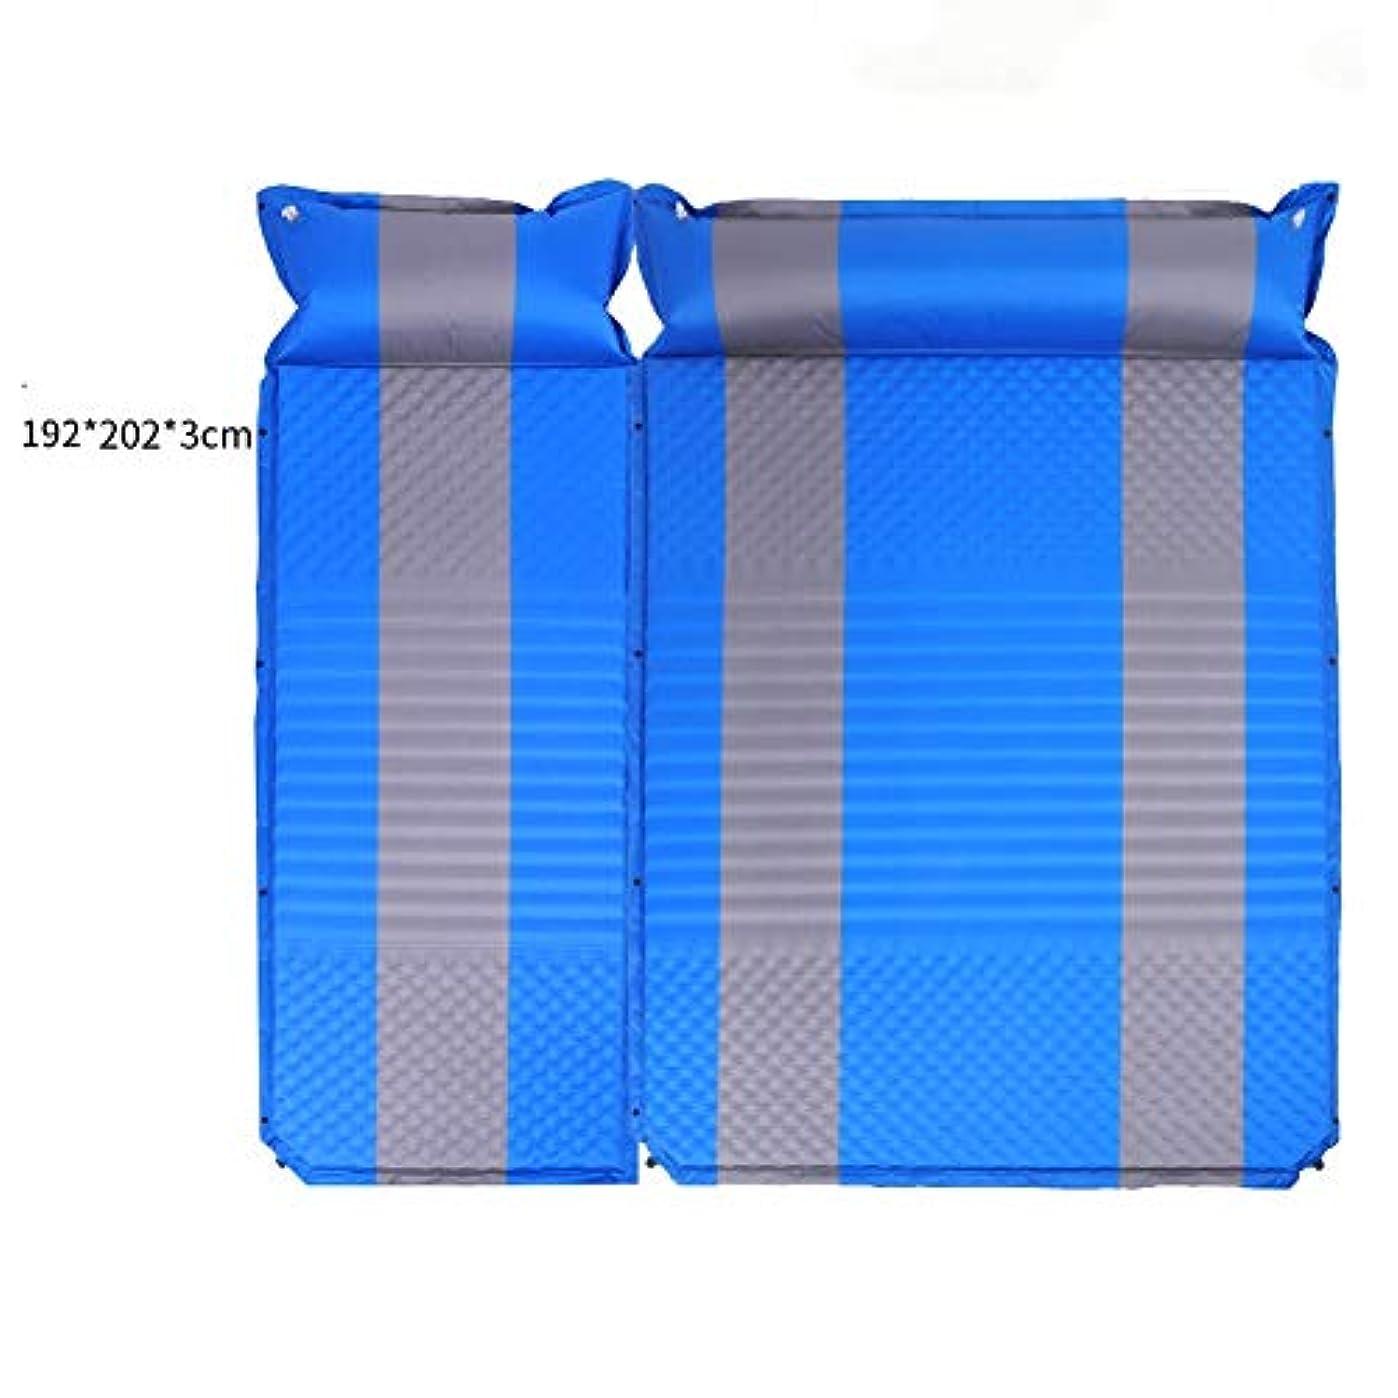 スキャン商標視力キャンプマットマット?パッド キャンプテントマットカーペット自動インフレータブルクッション防湿パッド接合可能ポータブル防水用旅行キャンプハイキング2色 (Color : E)